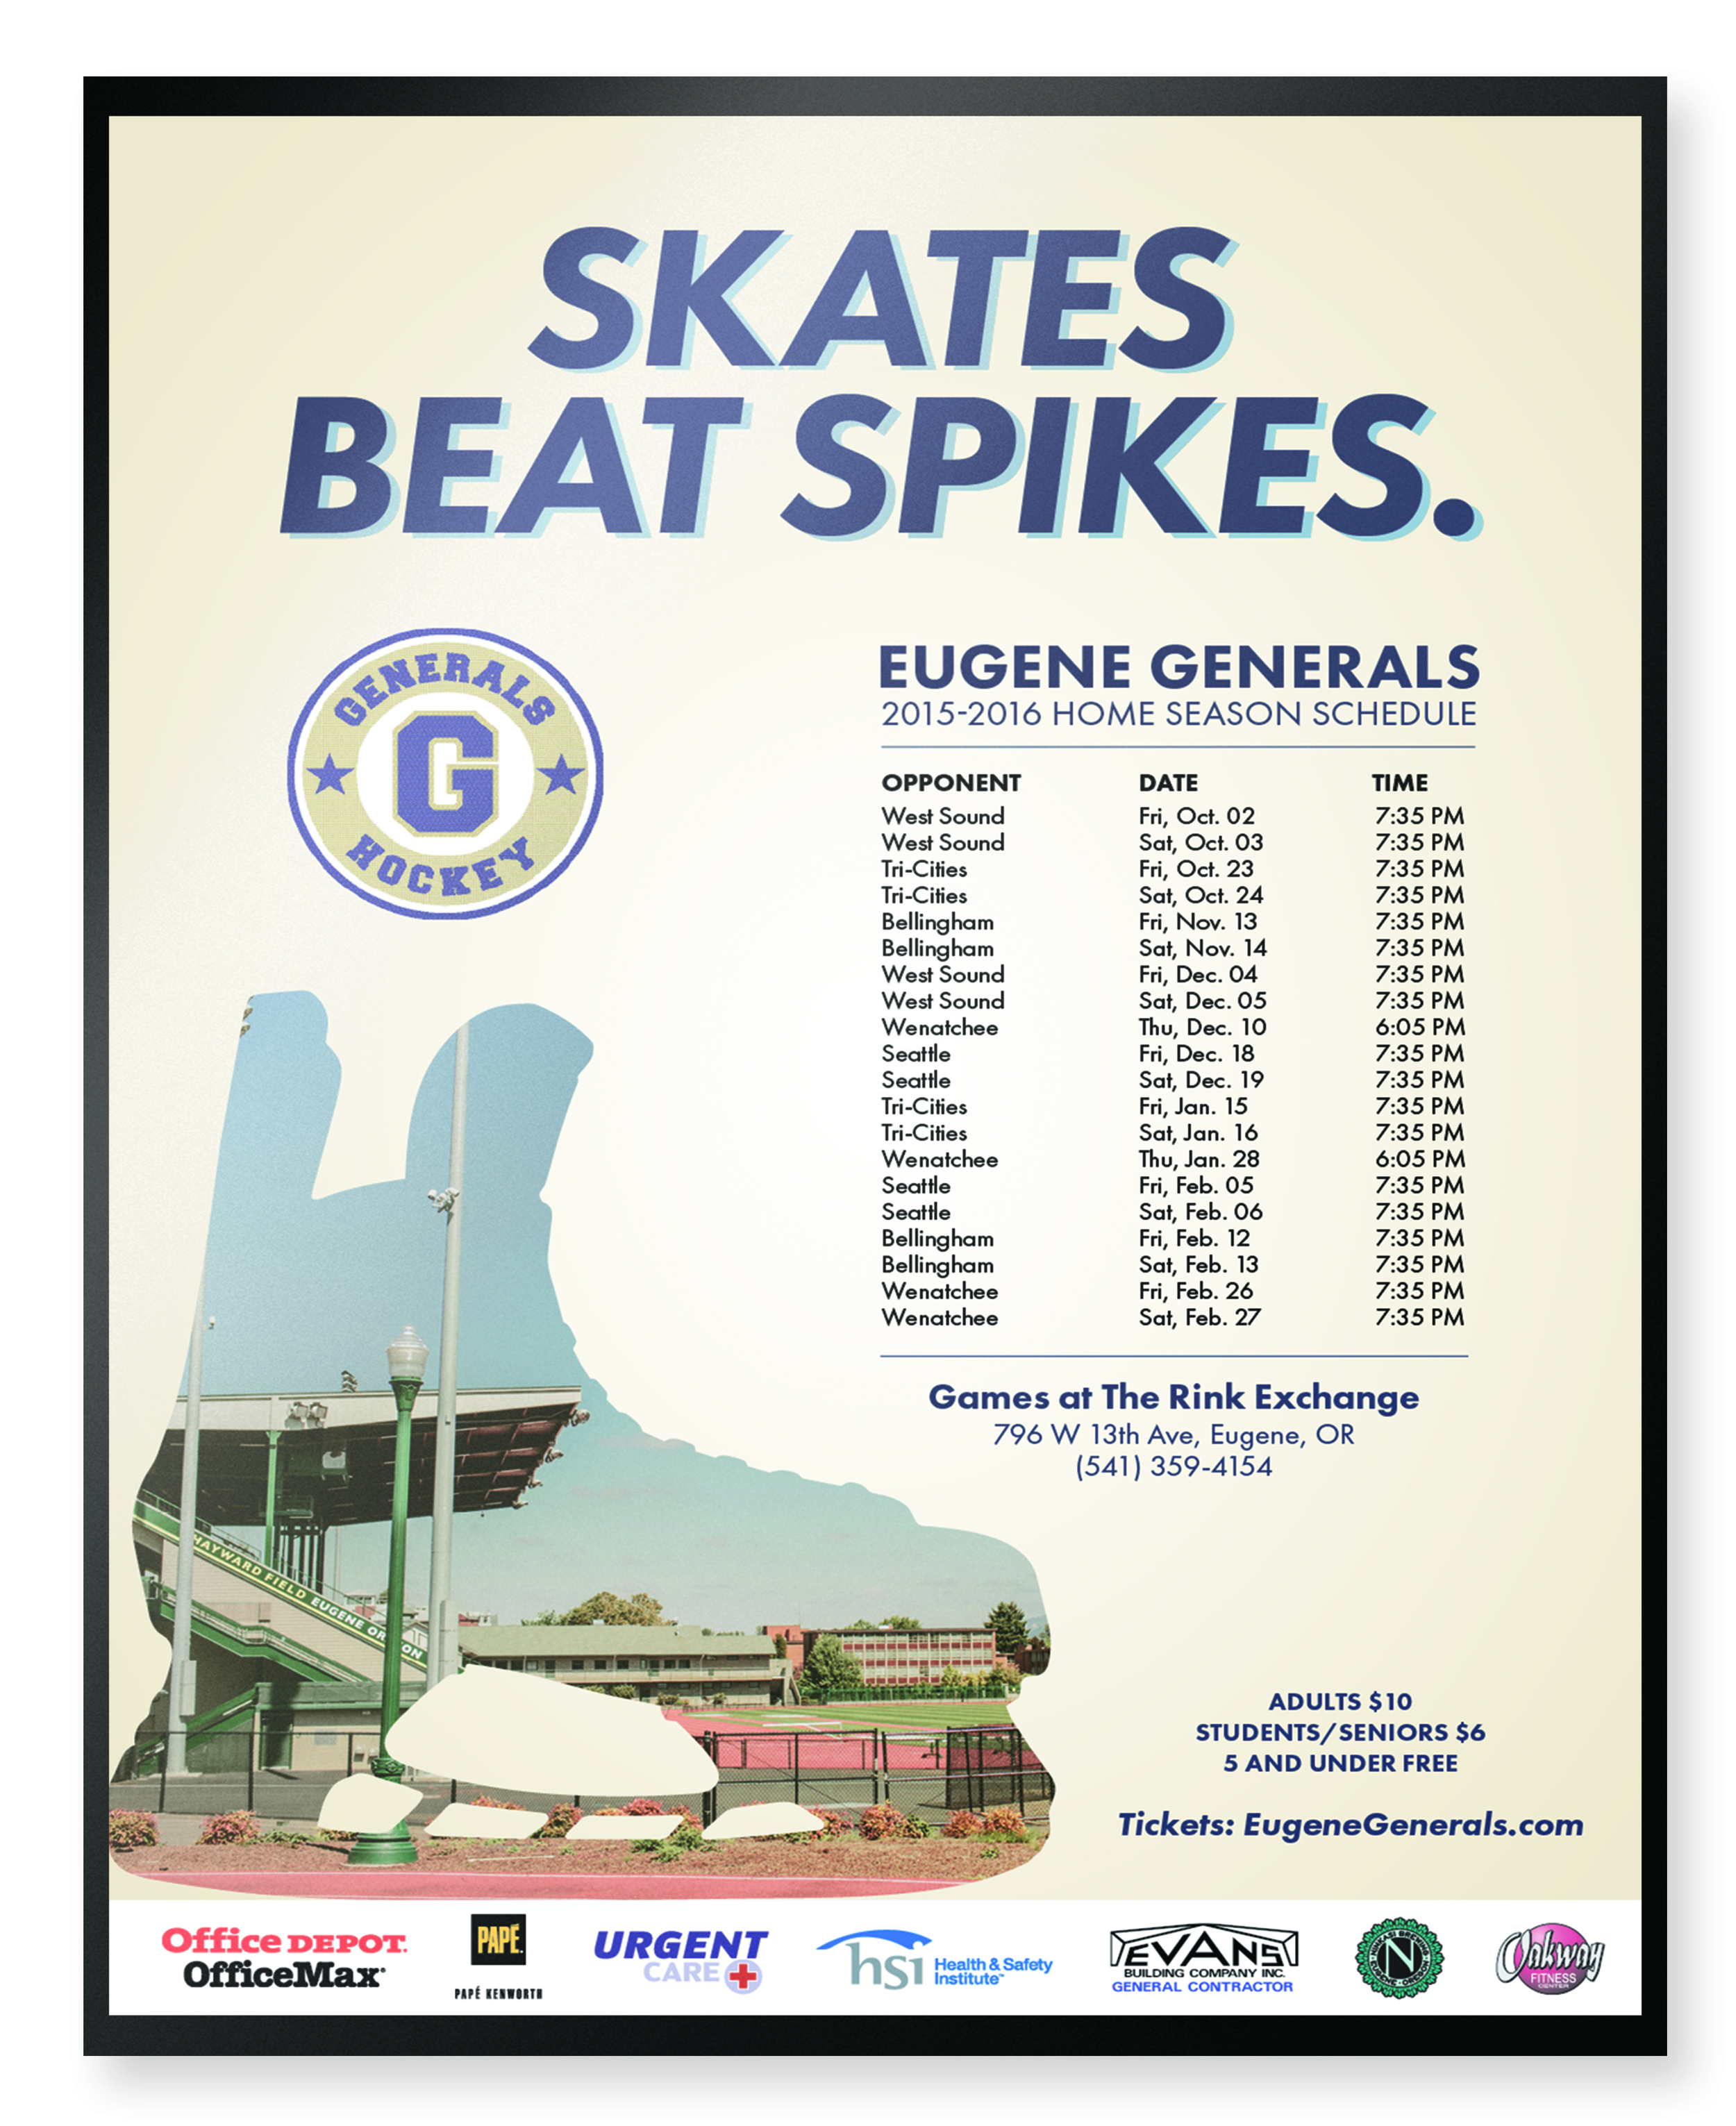 Skates_Beat_Spikes.jpg